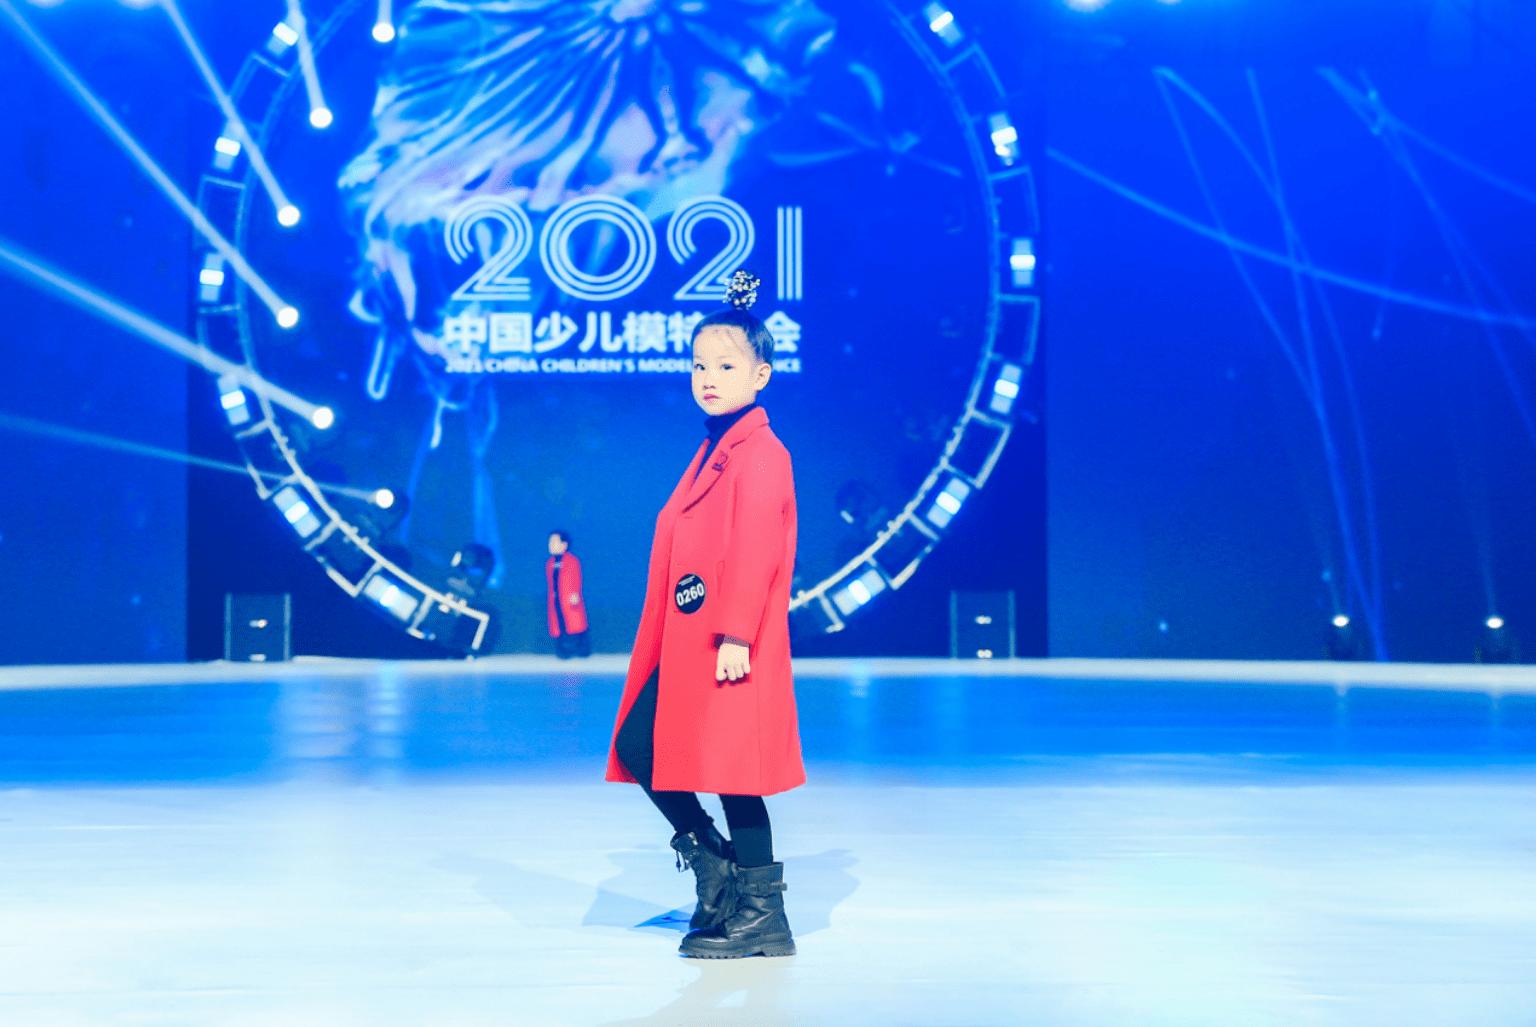 2021中国少儿模特大会形象推广大使-李佳沐歌